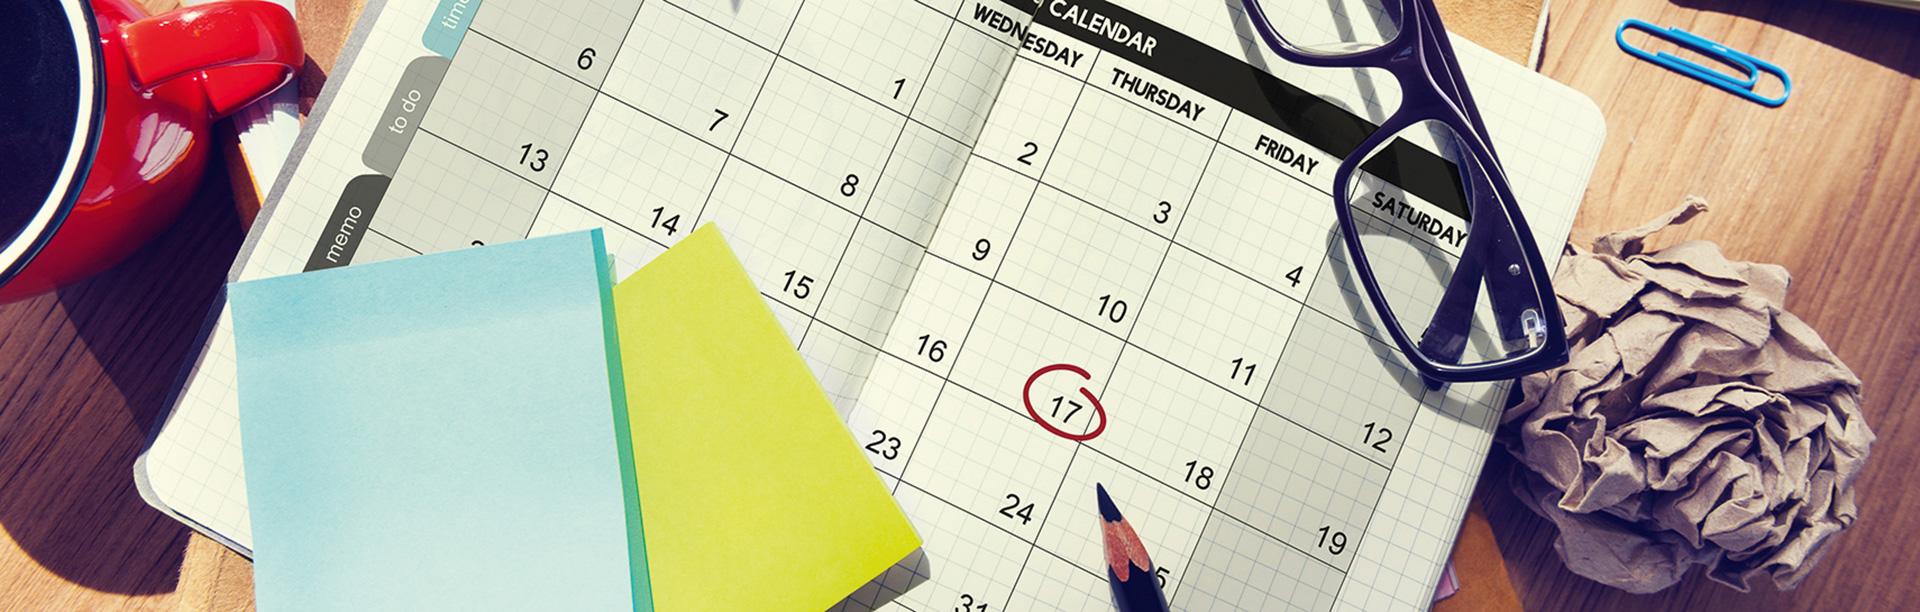 banner kalender